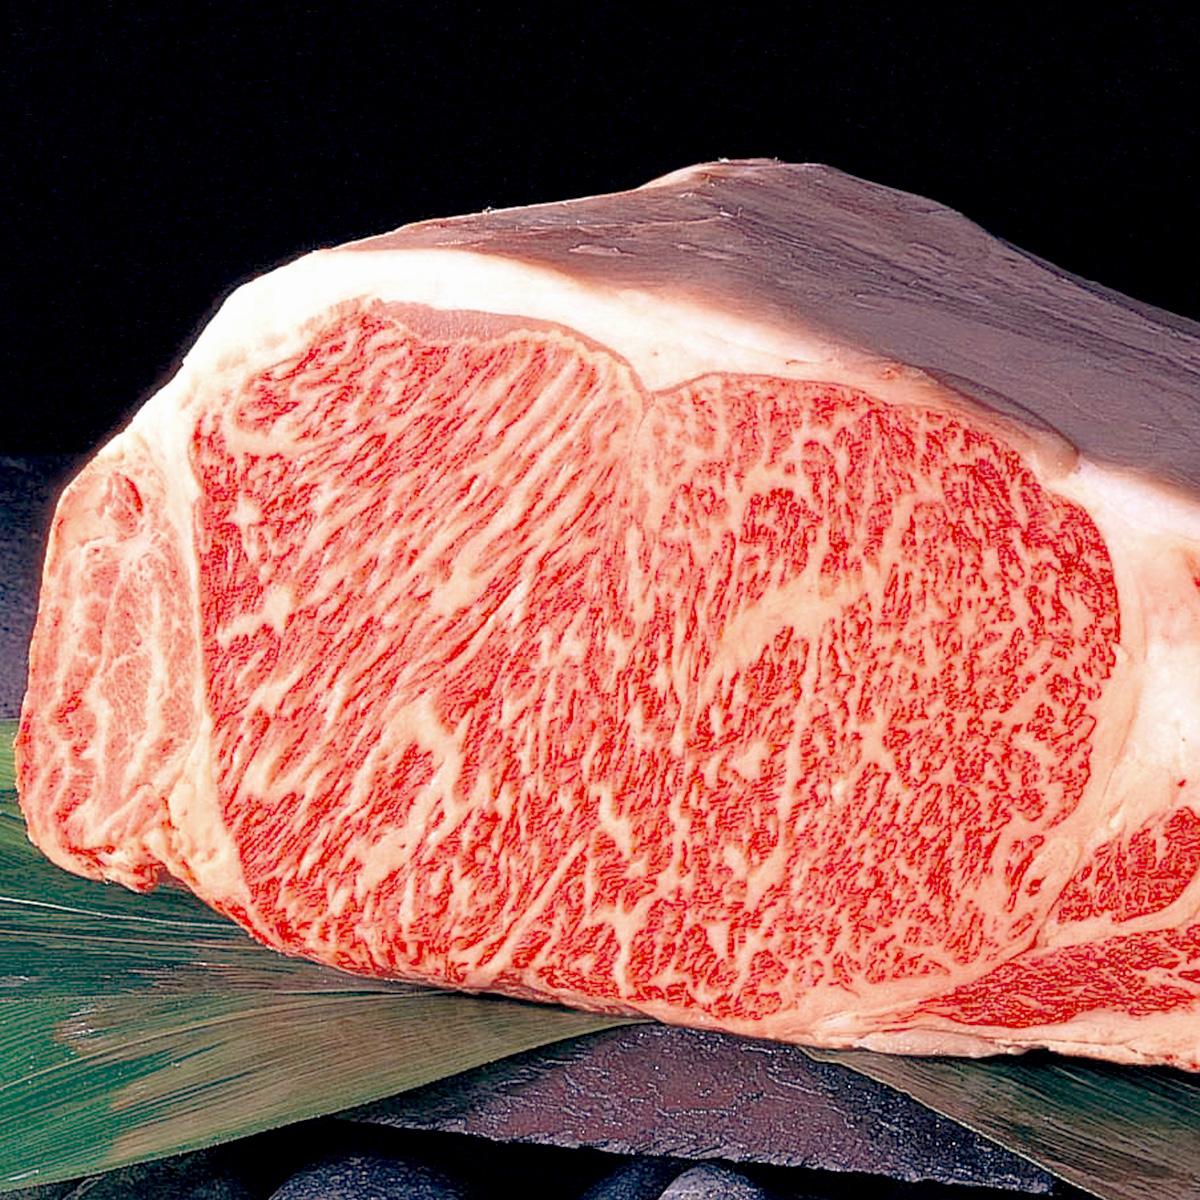 山形農業協同組合 冷蔵 山形牛ステーキ 霜降りロース 340g〔170g×2枚〕